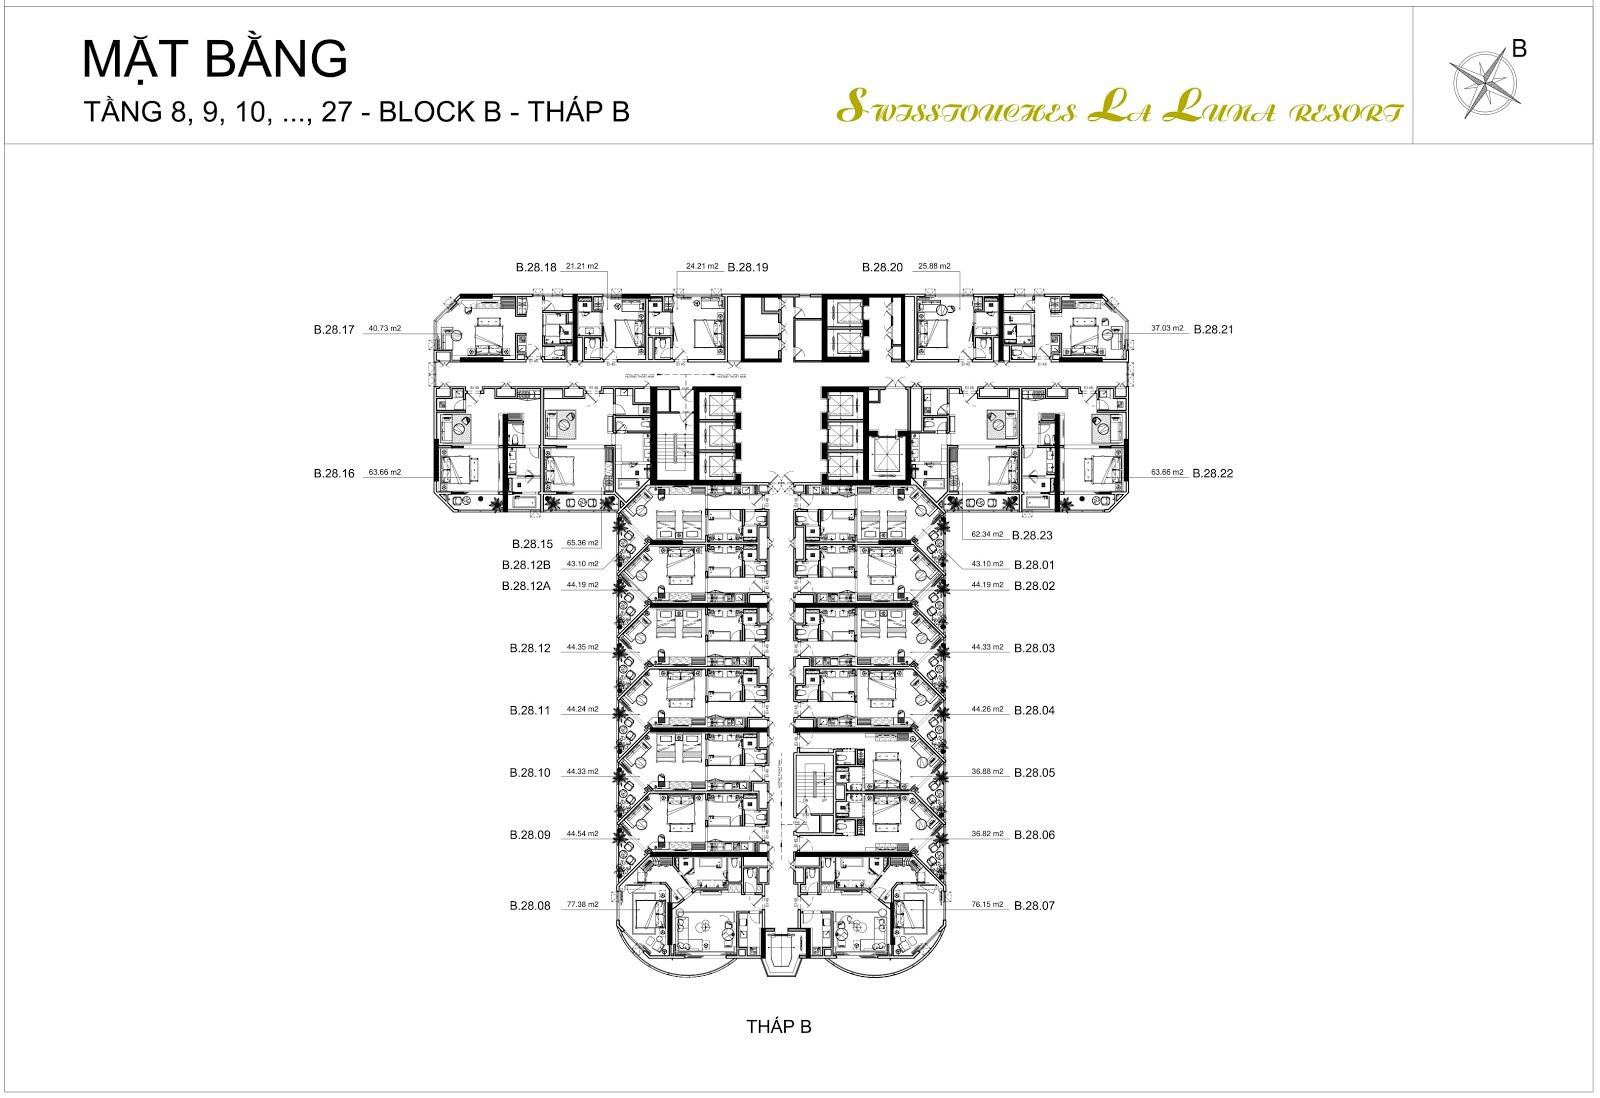 Mặt bằng thiết kế căn hộ tầng 8 - 34 của Swisstouches La Luna